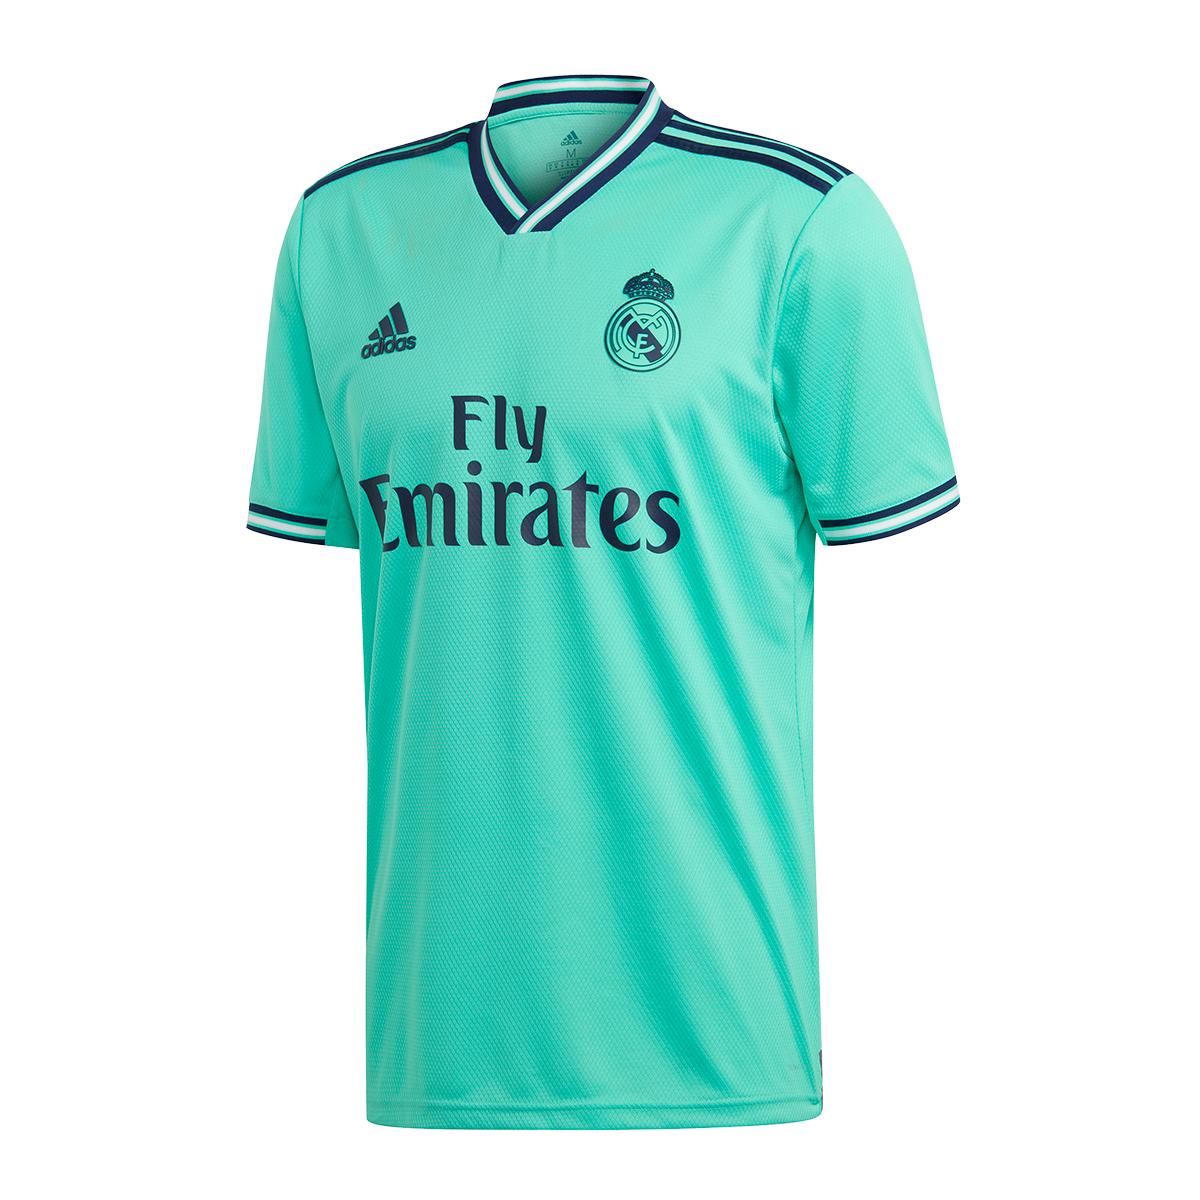 Camisola adidas Real Madrid Tercera Equipación 2019 2020